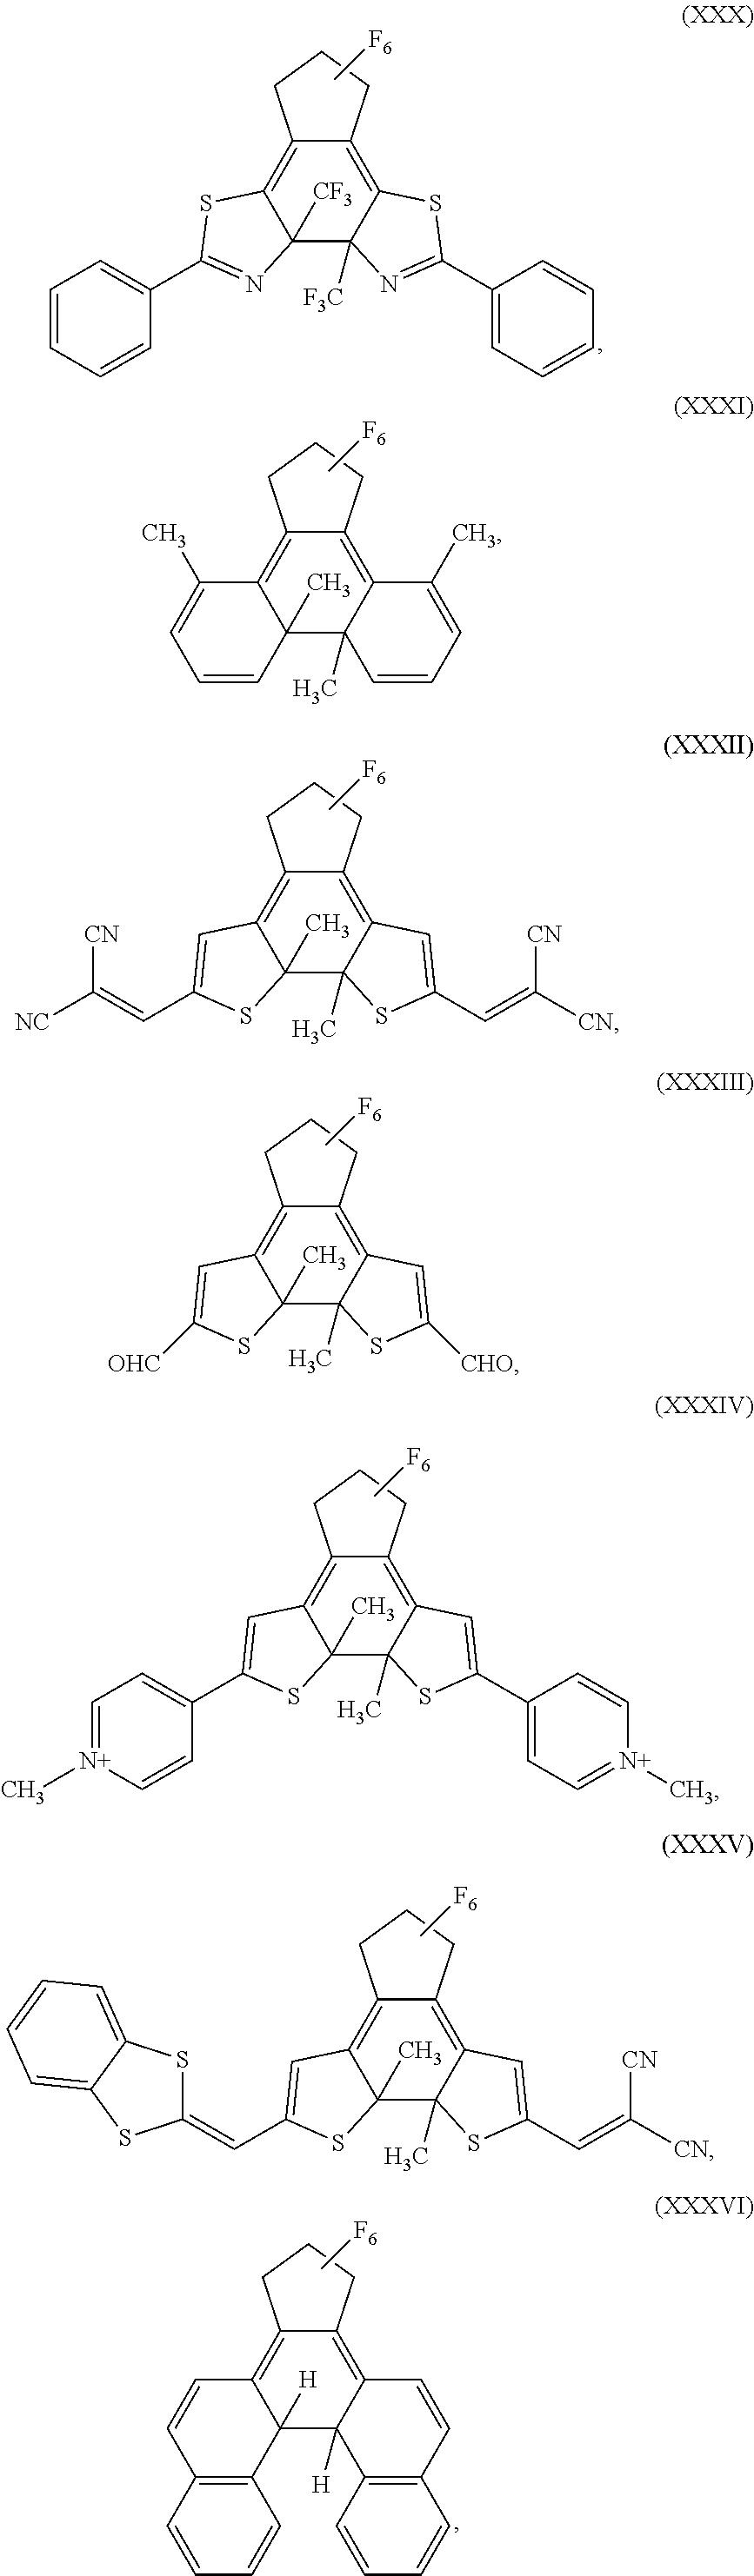 Figure US20120026564A1-20120202-C00005